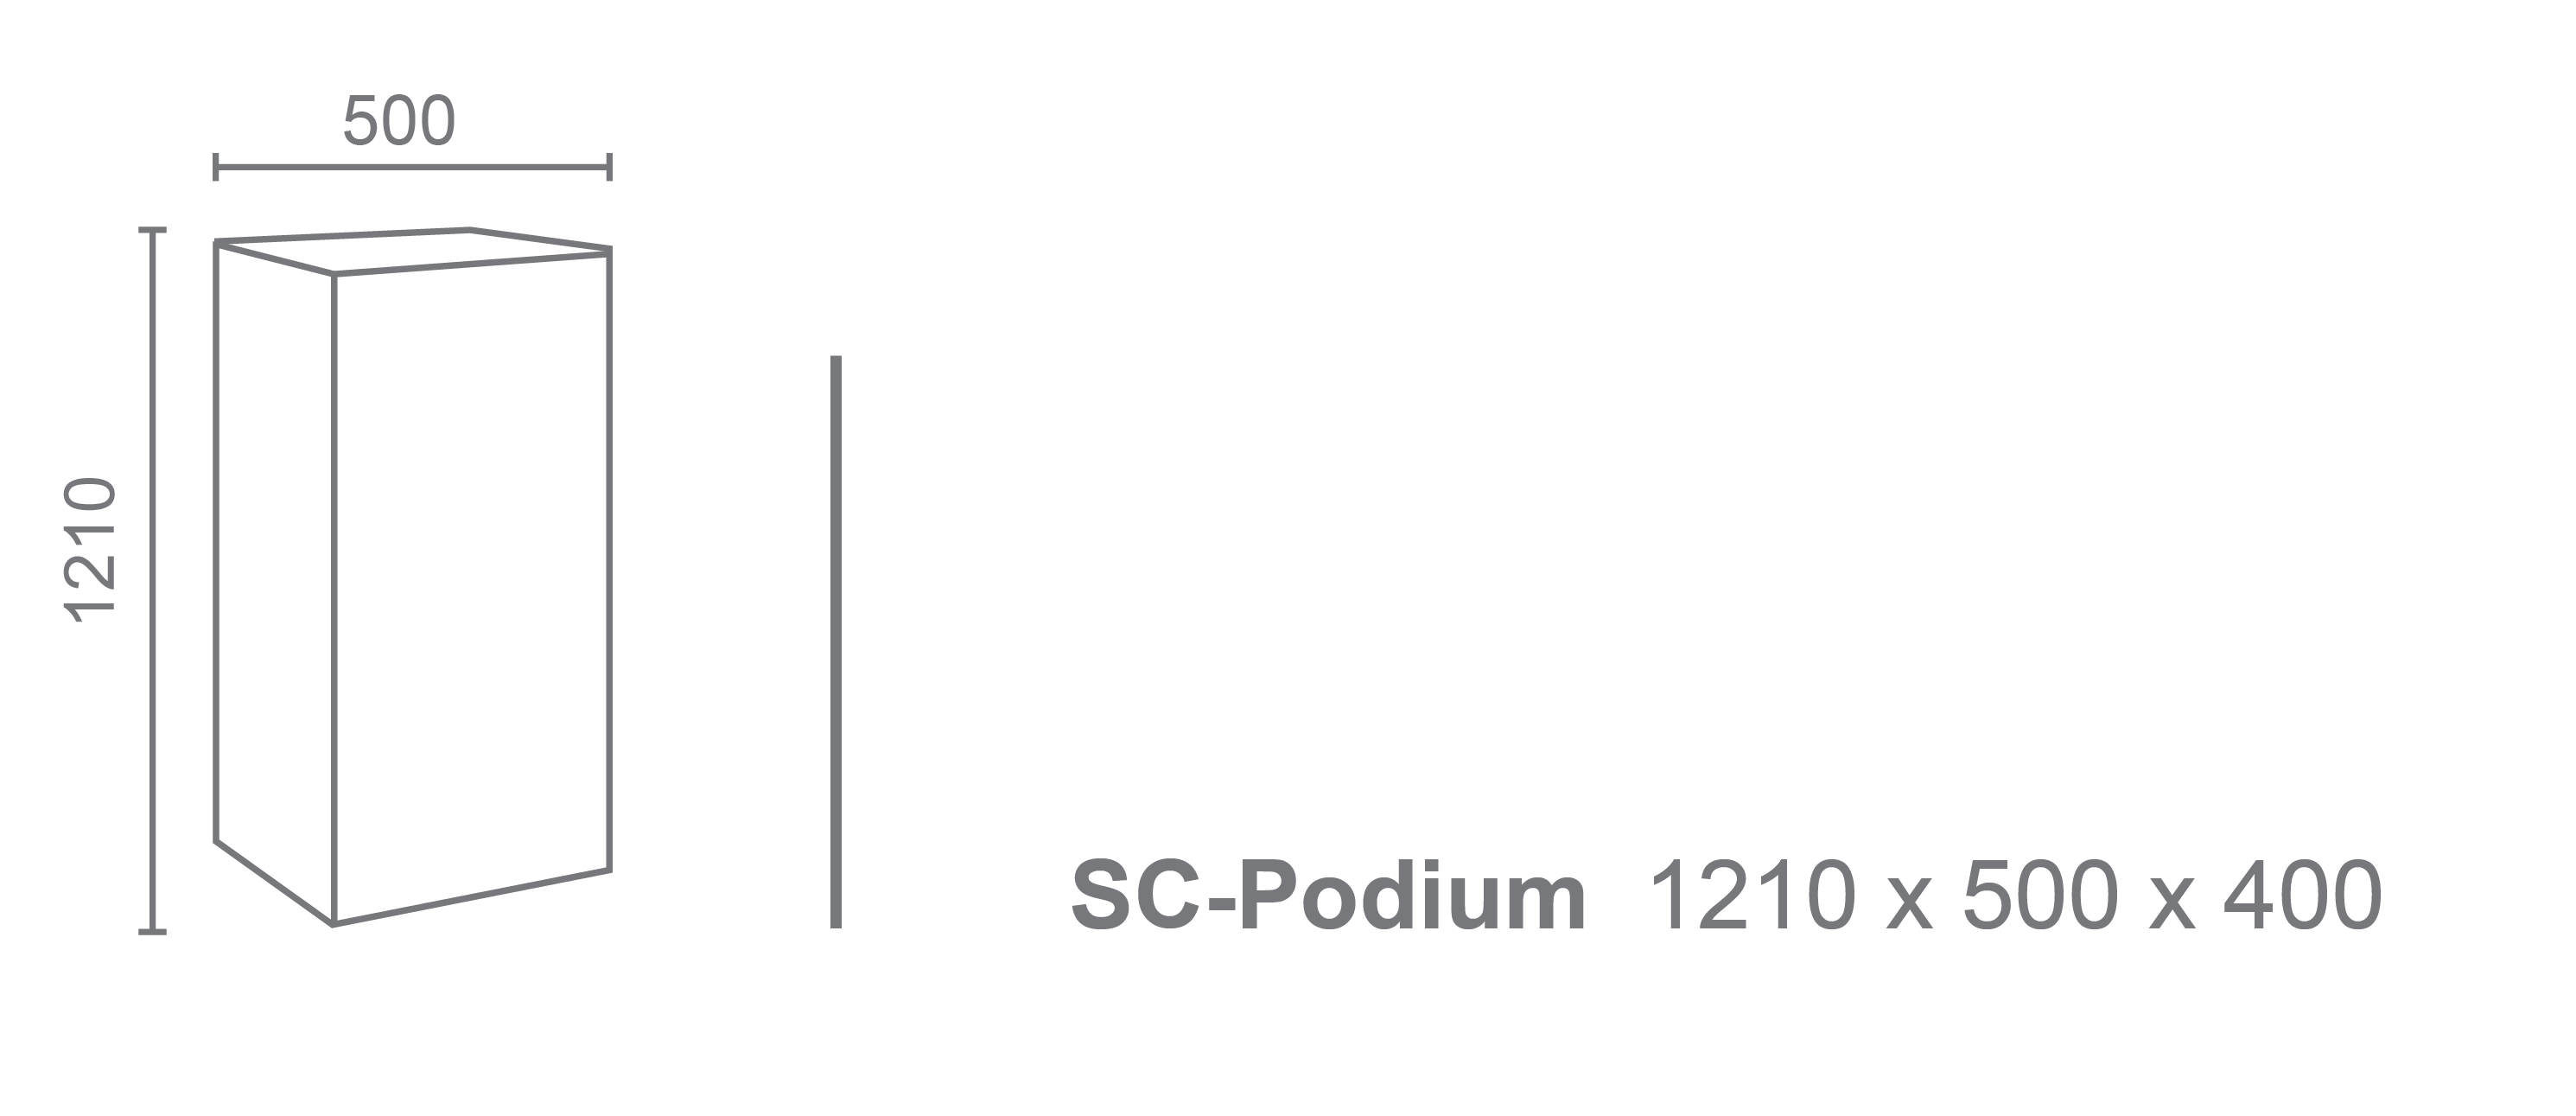 SC-Podium